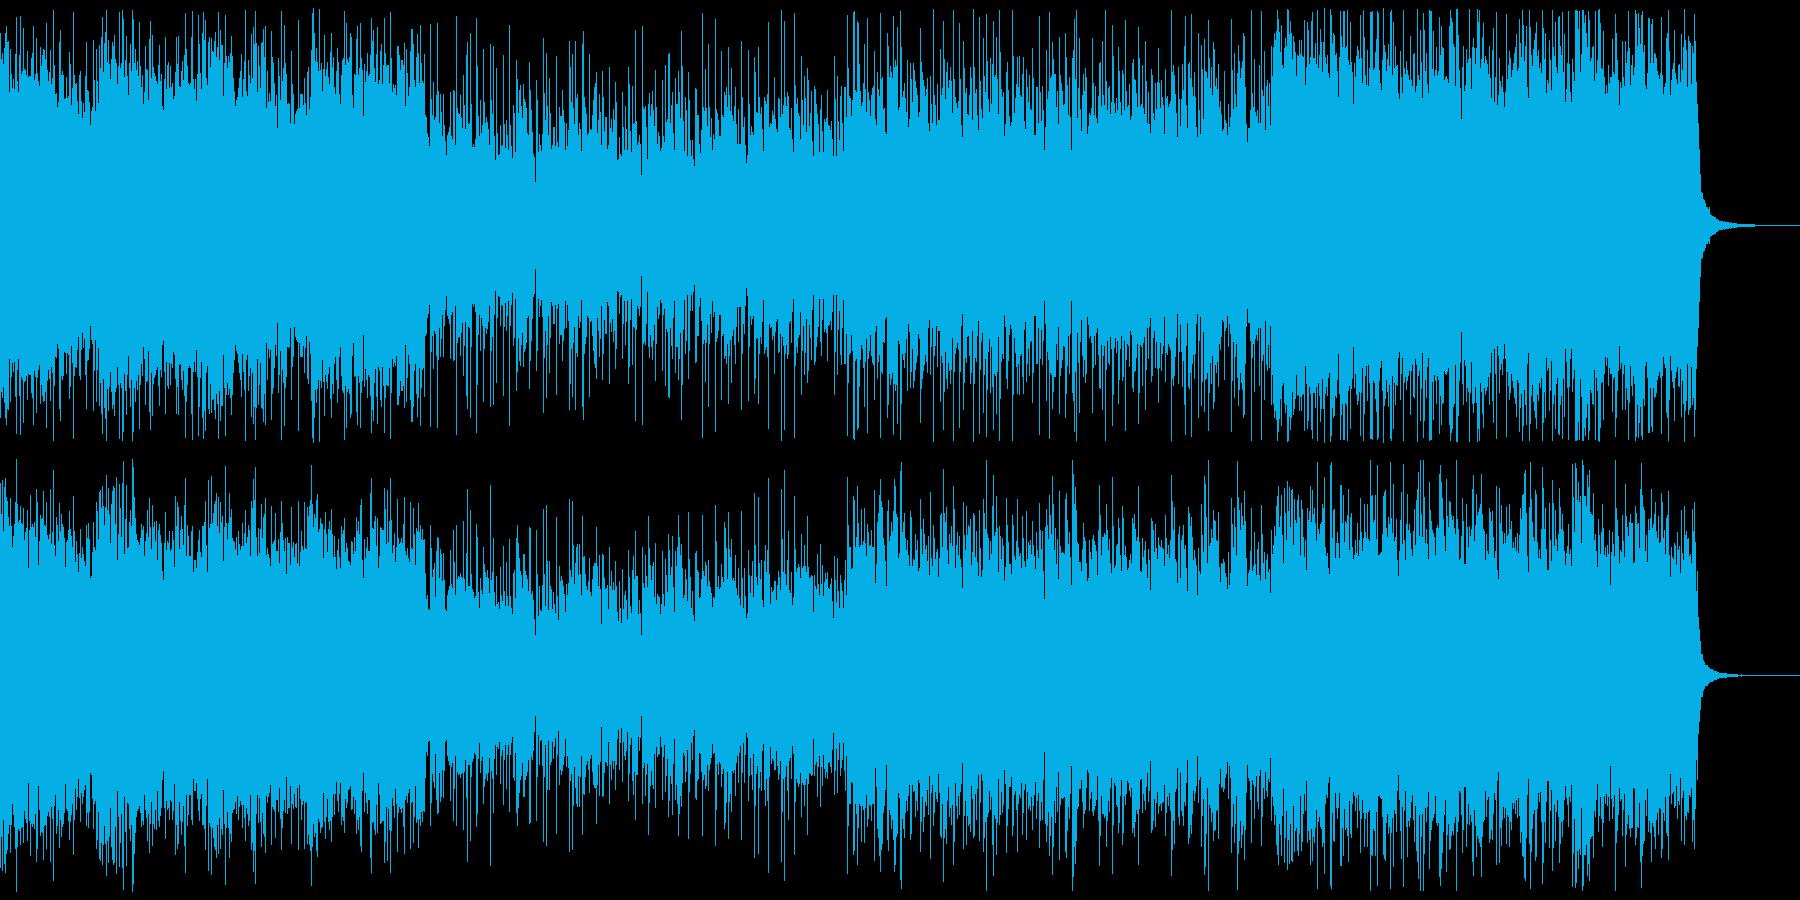 アイドルロック風、ゲーム、アニメverAの再生済みの波形